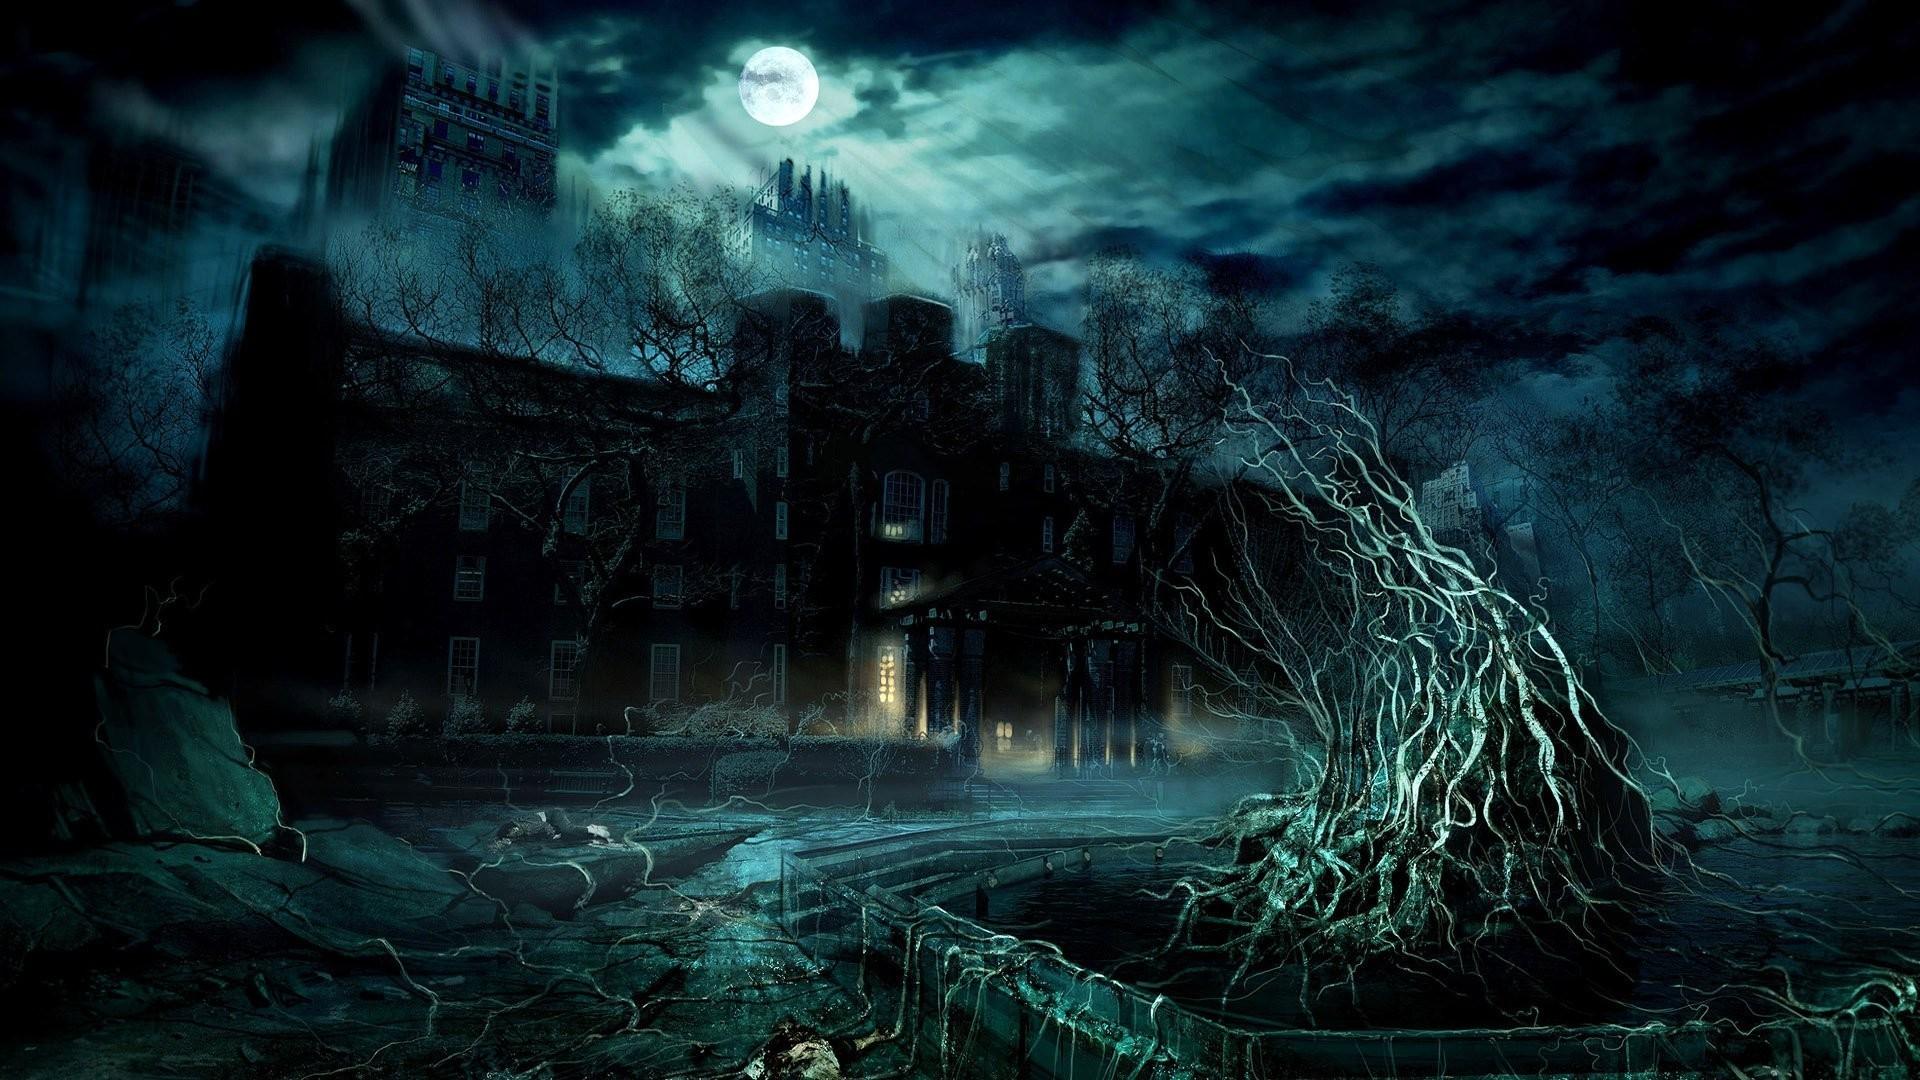 dark forest   Dark Forest Moon HD Widescreen Wallpaper Dark Forest Hot  Wallpaper .